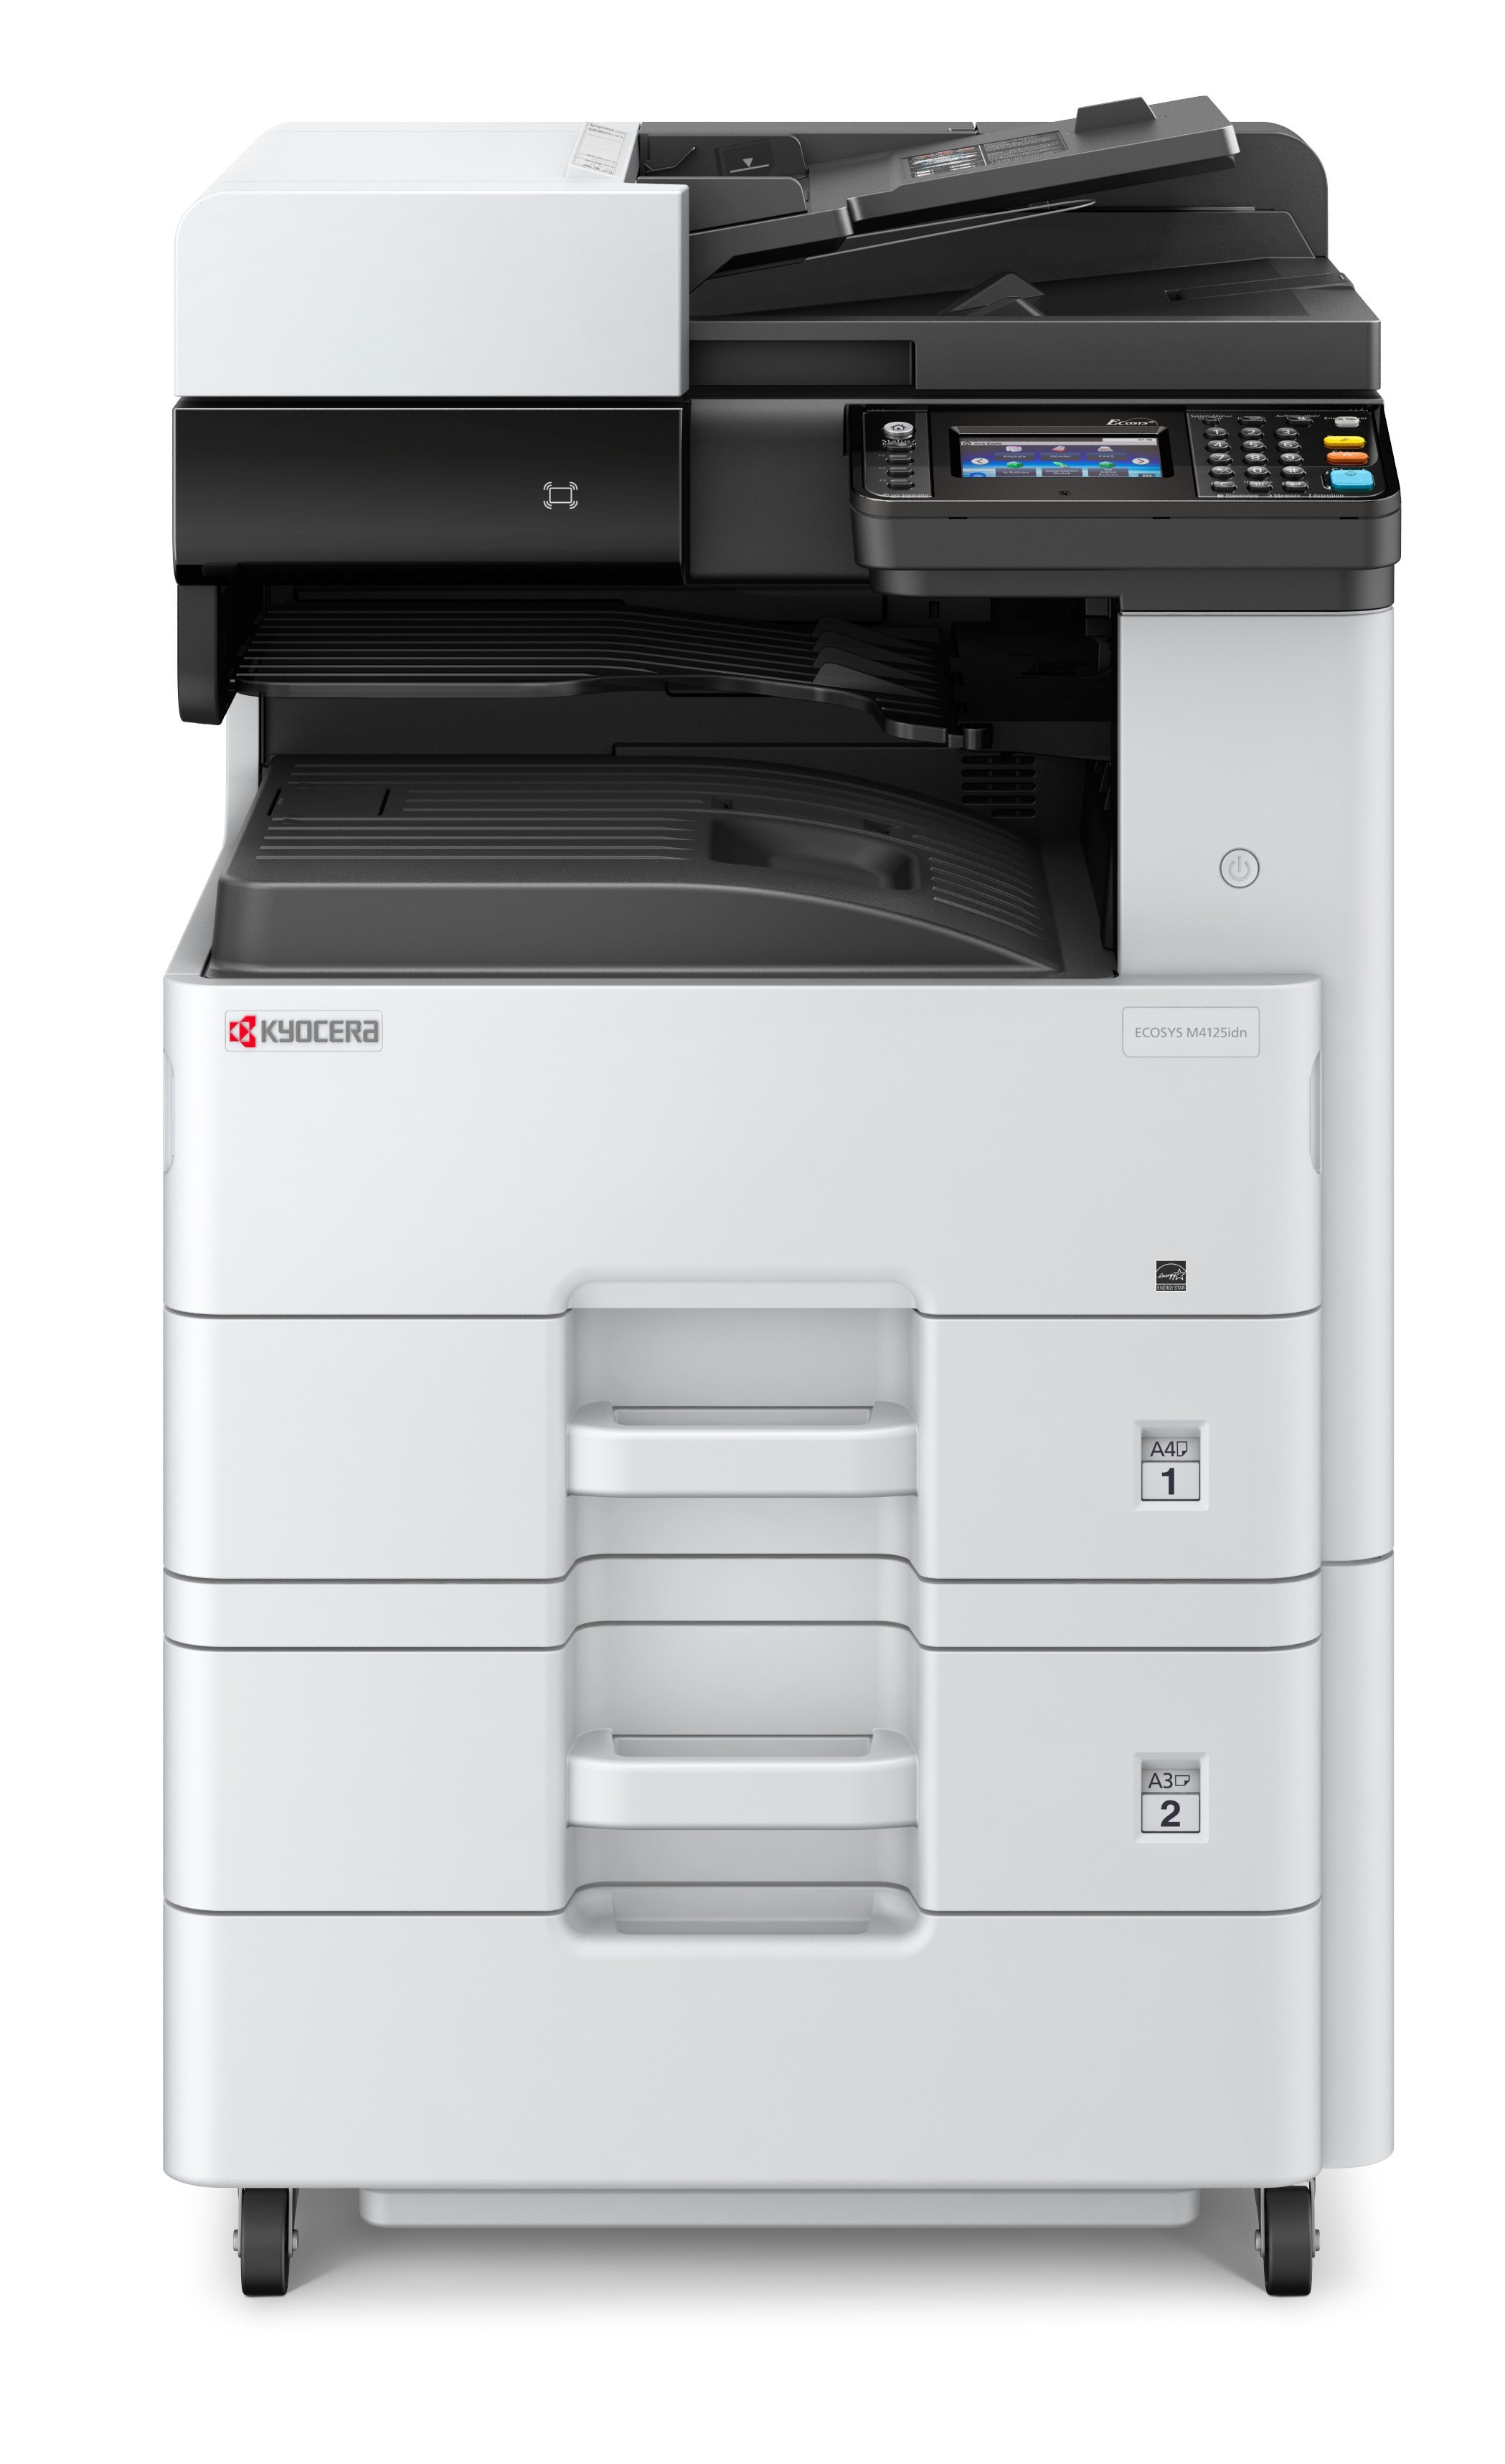 Kyocera M4125IDN +PF470 szett A3, mono, lézer multifunkciós nyomtató hálózatos, duplex